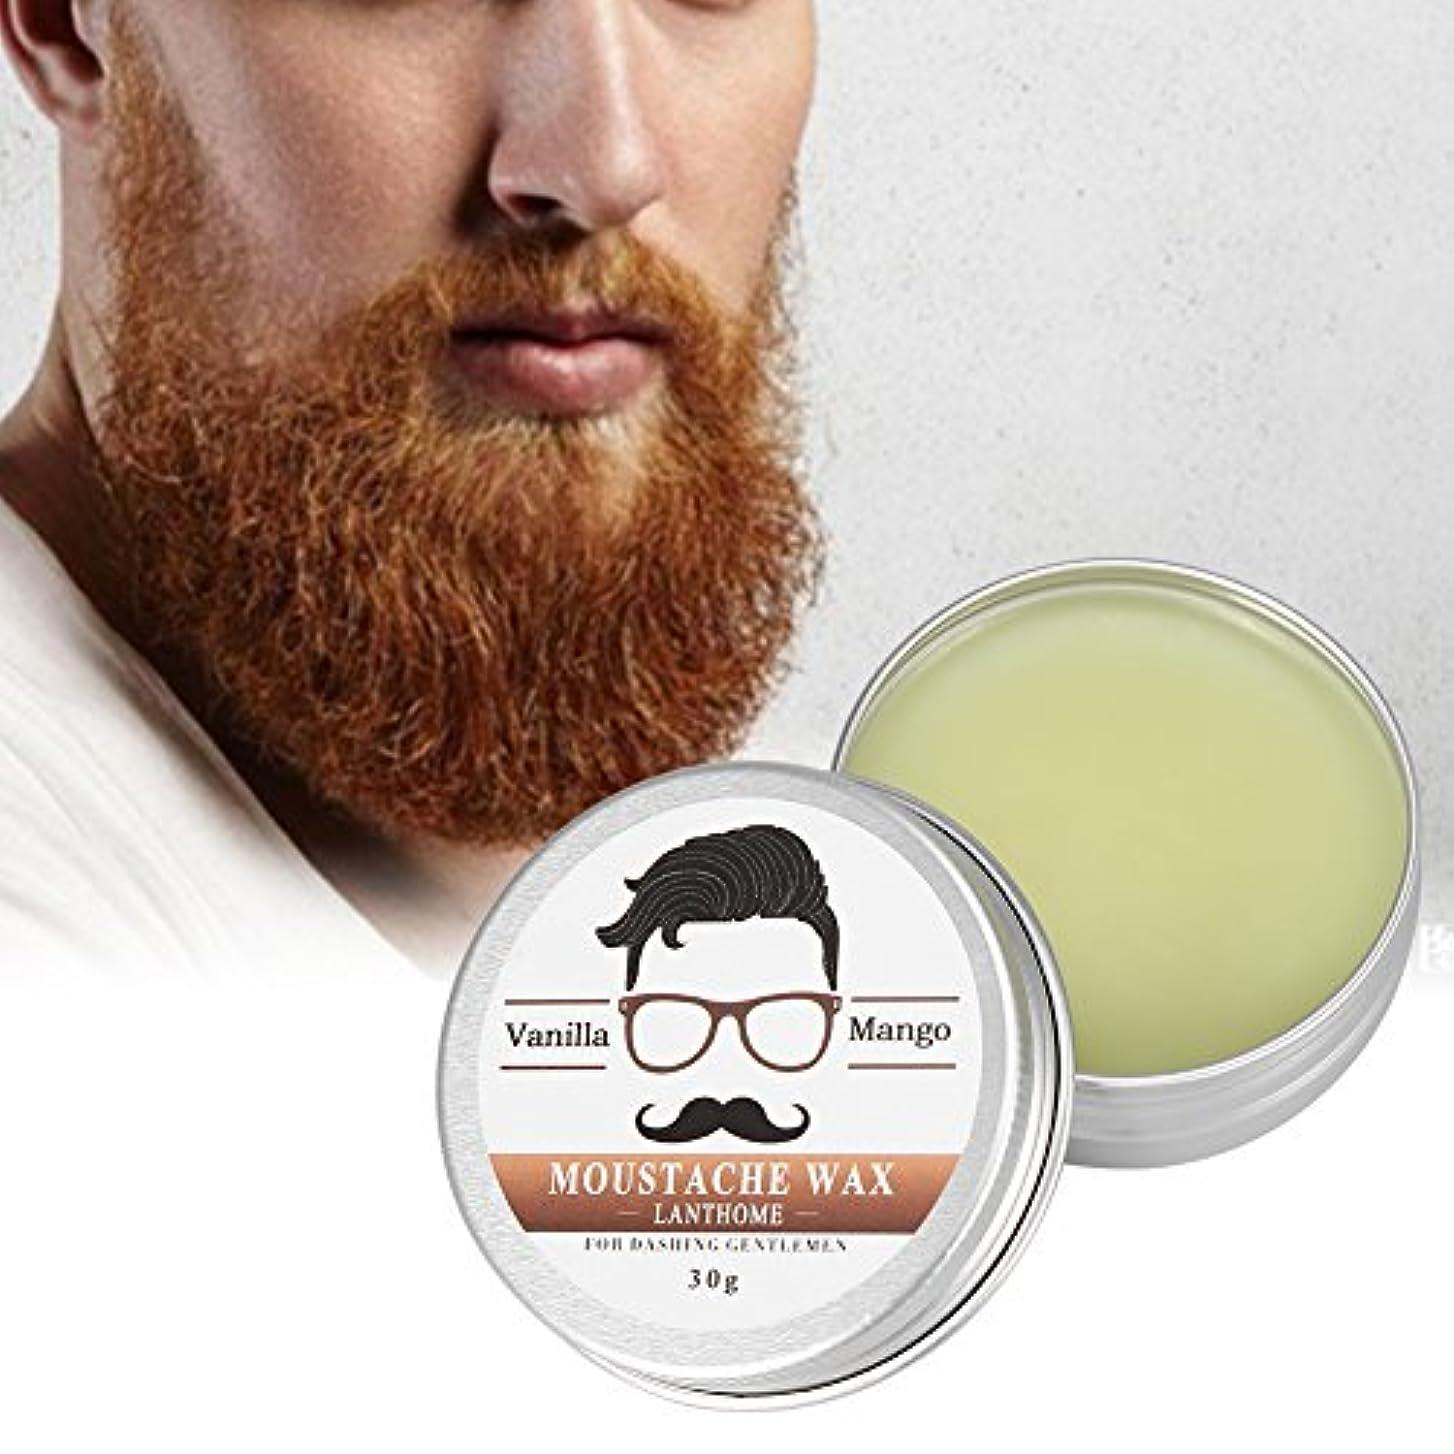 グレートバリアリーフ近く宿泊施設ビアードワックス ひげクリーム 口髭用 ワックス バーム 男性用 保湿 滋養 ひげ根 ケア